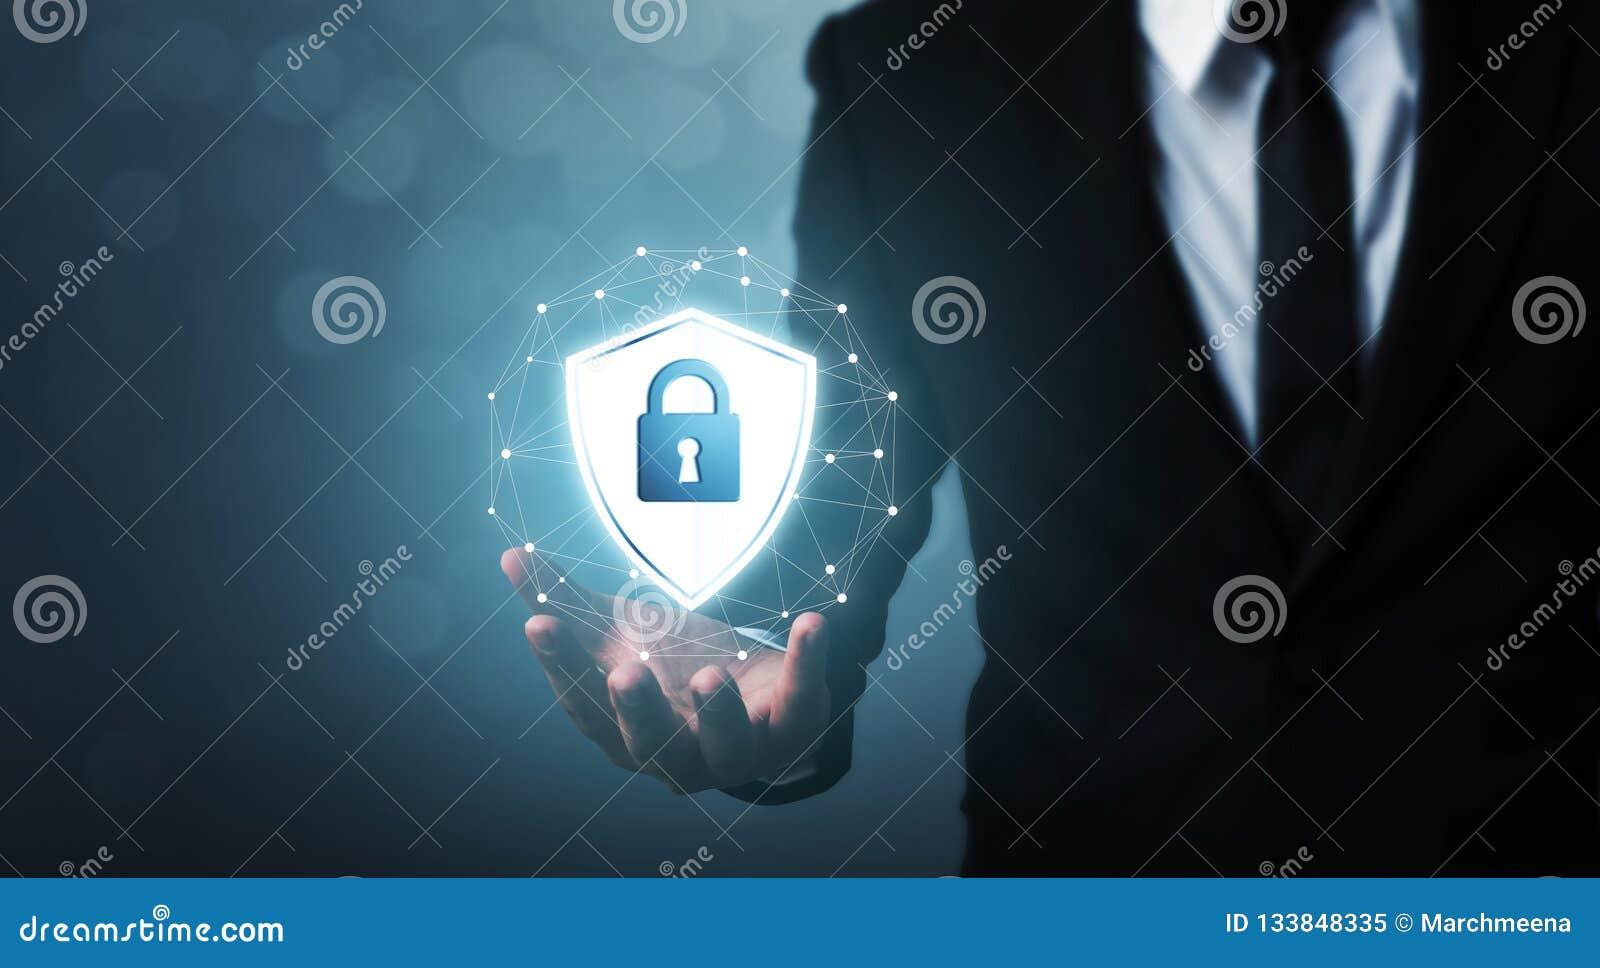 Computer Di Sicurezza Della Rete Di Protezione E Sicuro Il ...